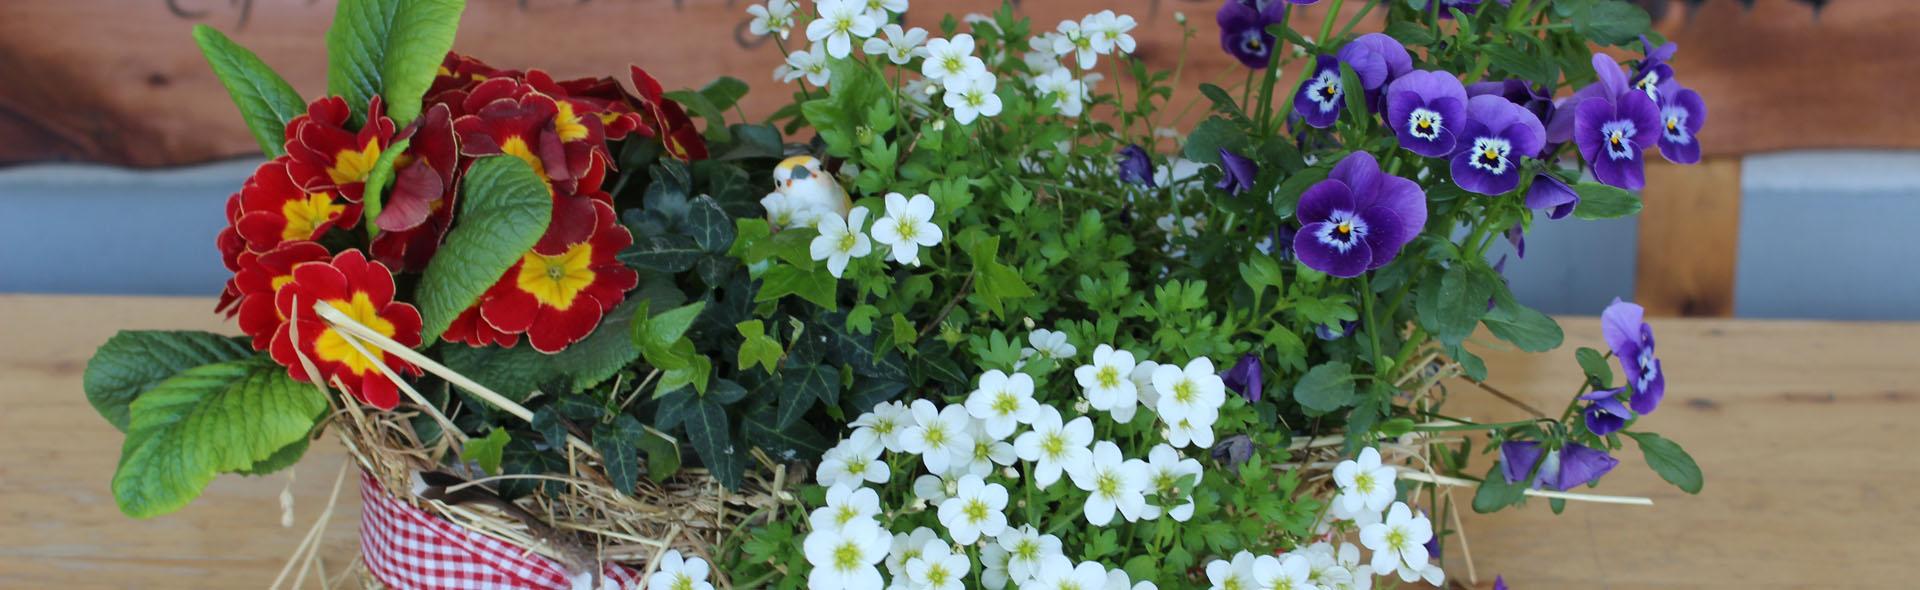 Terrasse und Garten Mittwoch bis Sonntag geöffnet